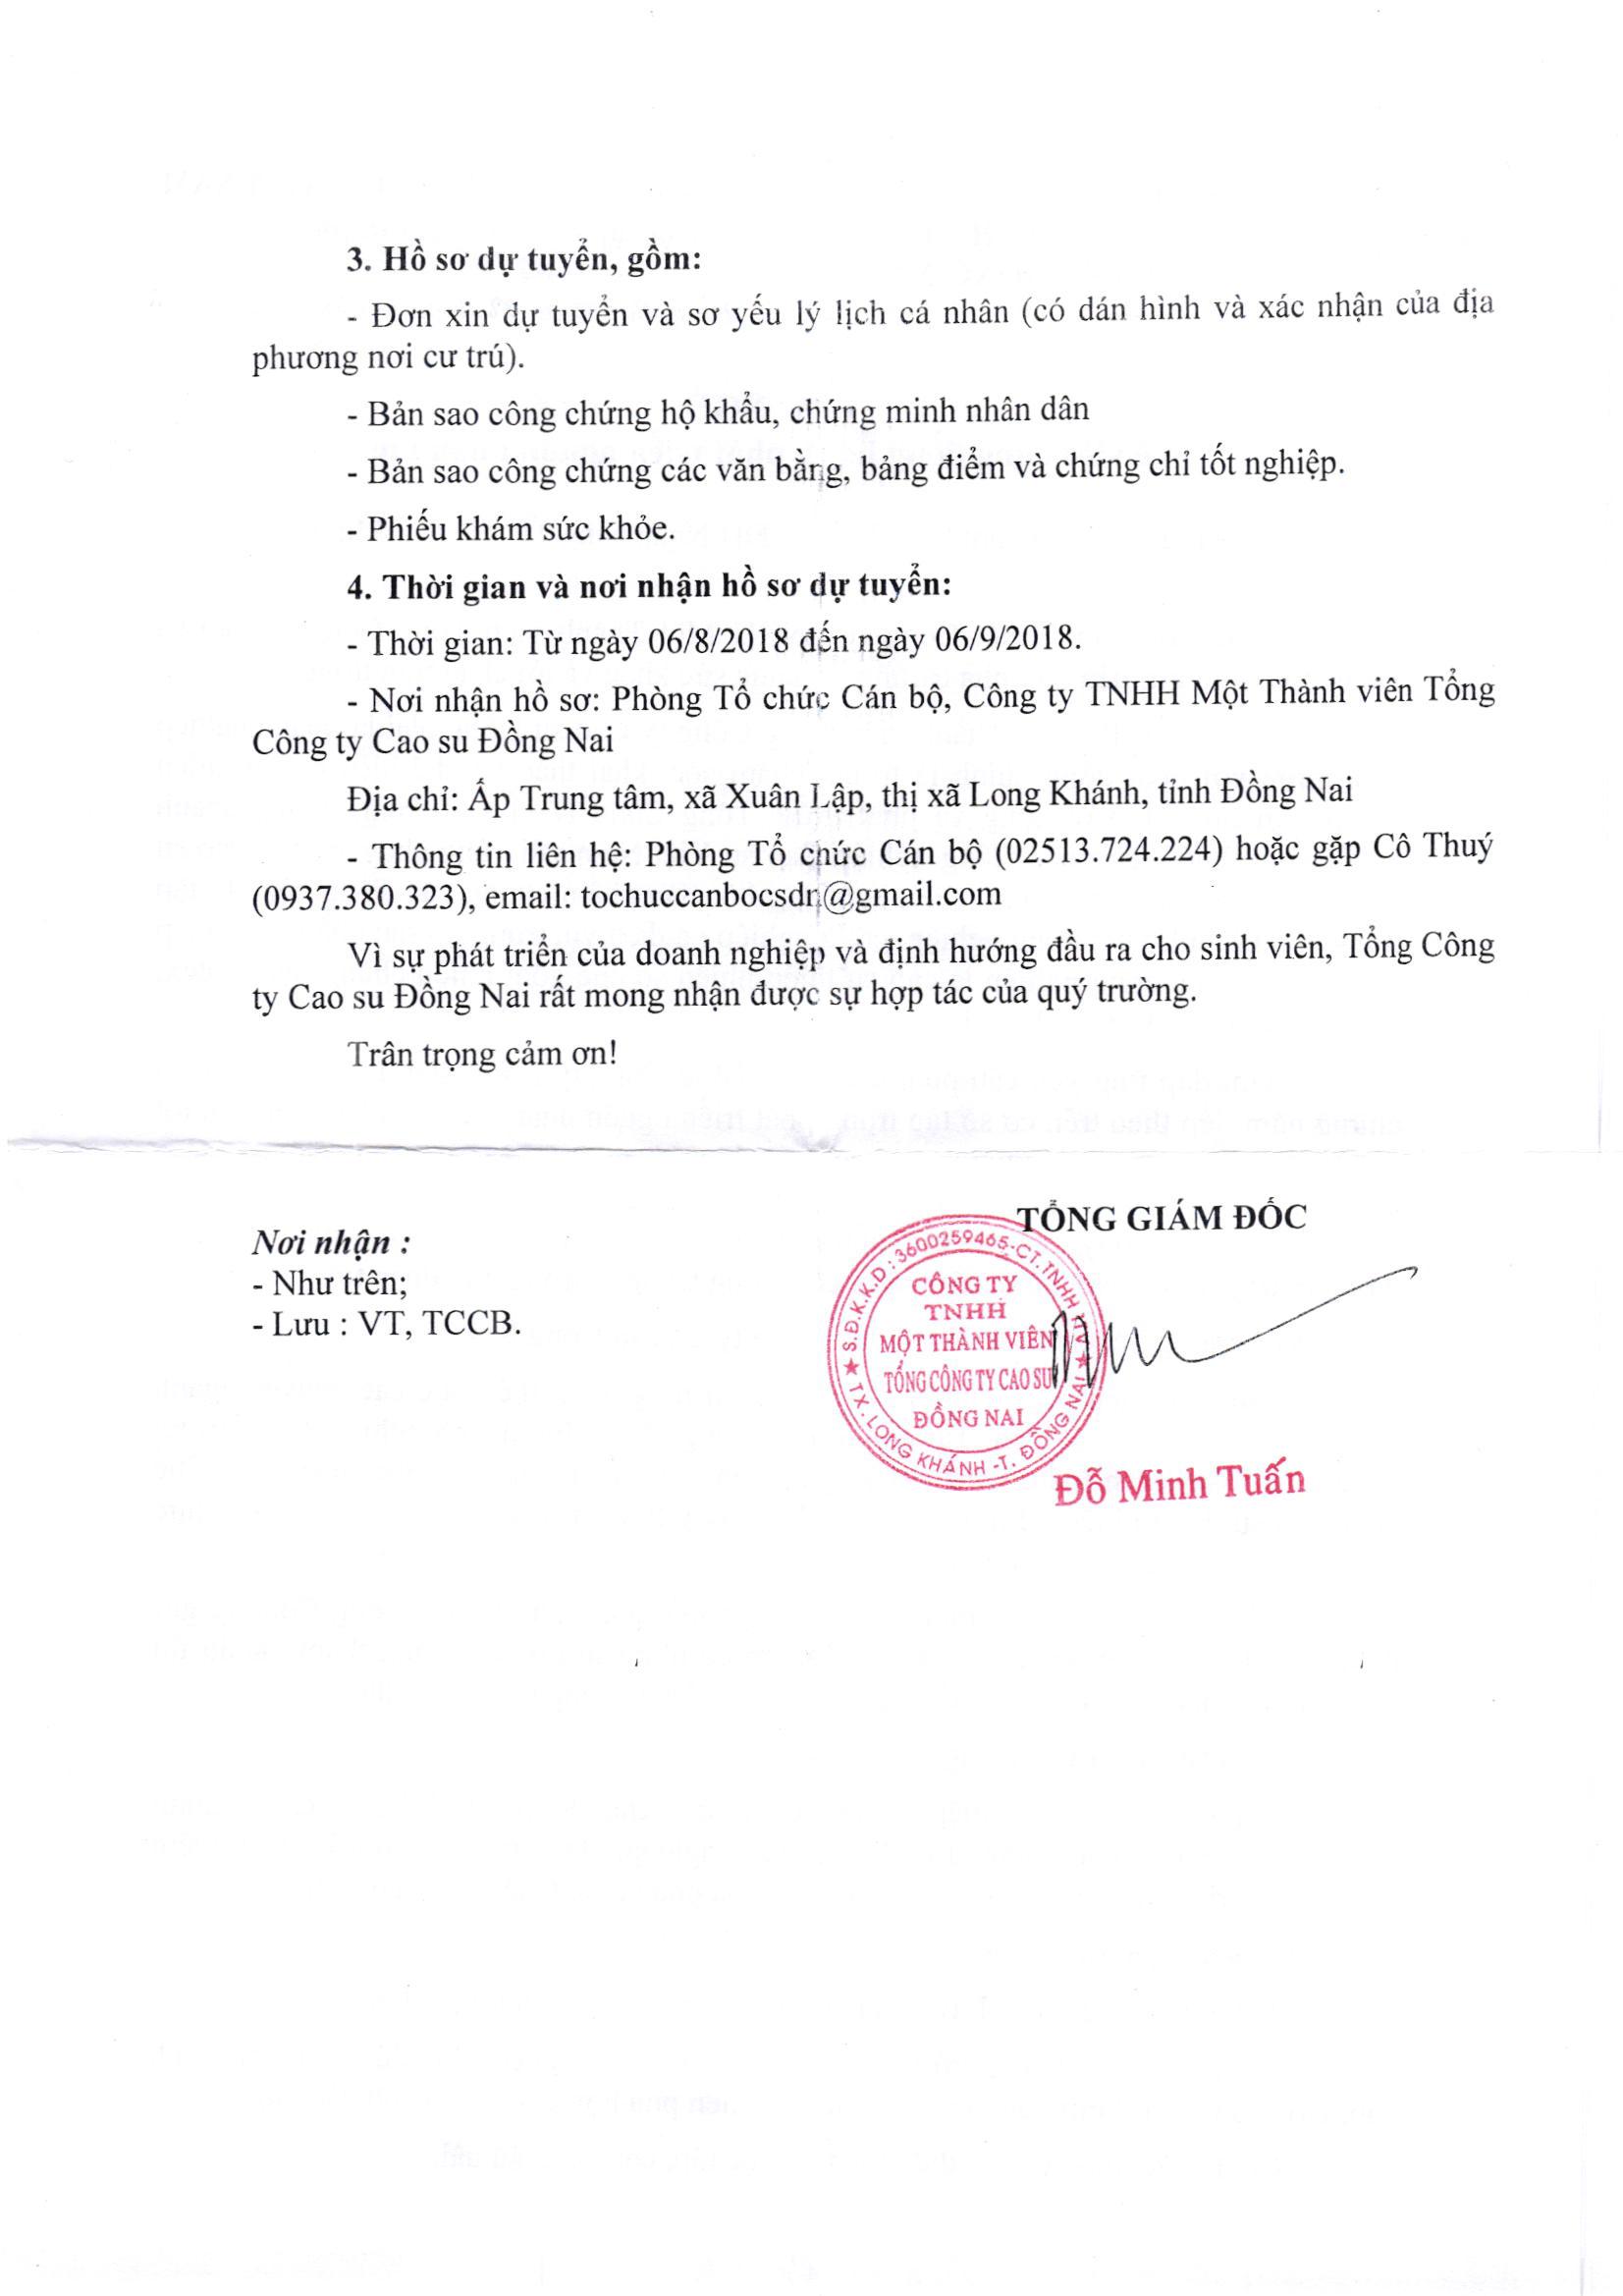 Thu tuyen dung-Cty Cao su Dong Nai_Page_2